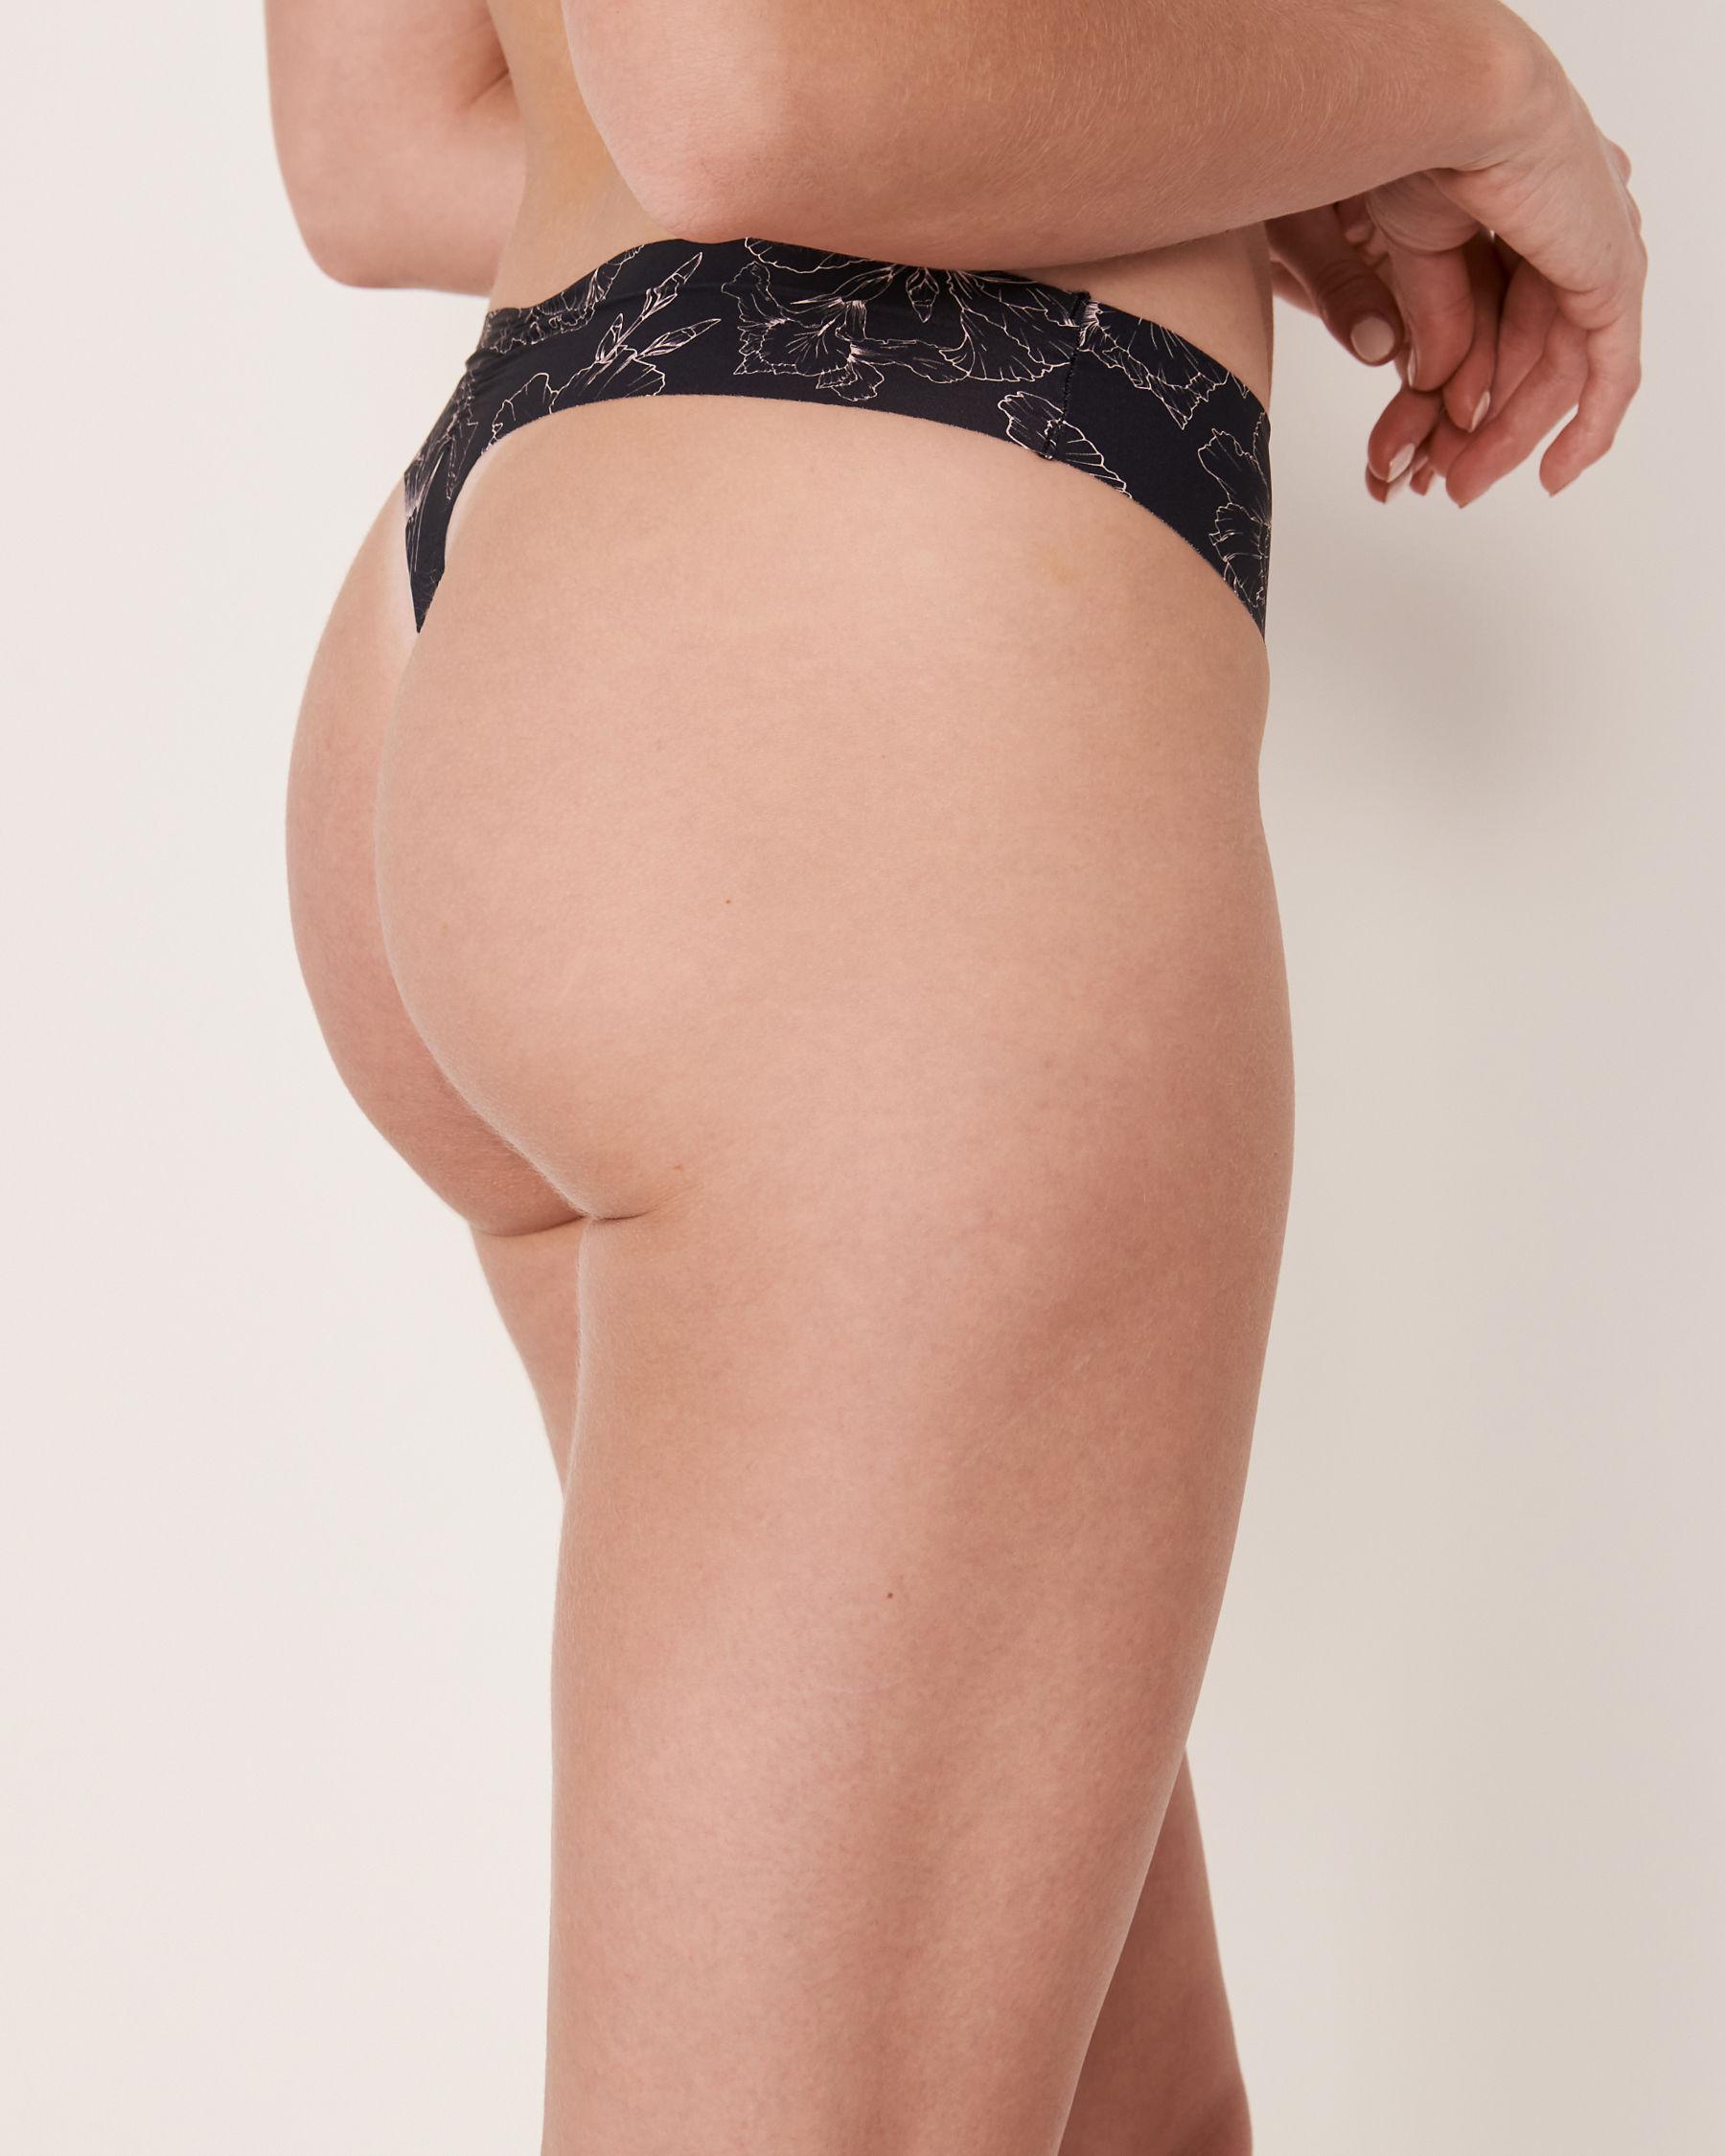 LA VIE EN ROSE Seamless Thong Panty Black flower 20200047 - View2